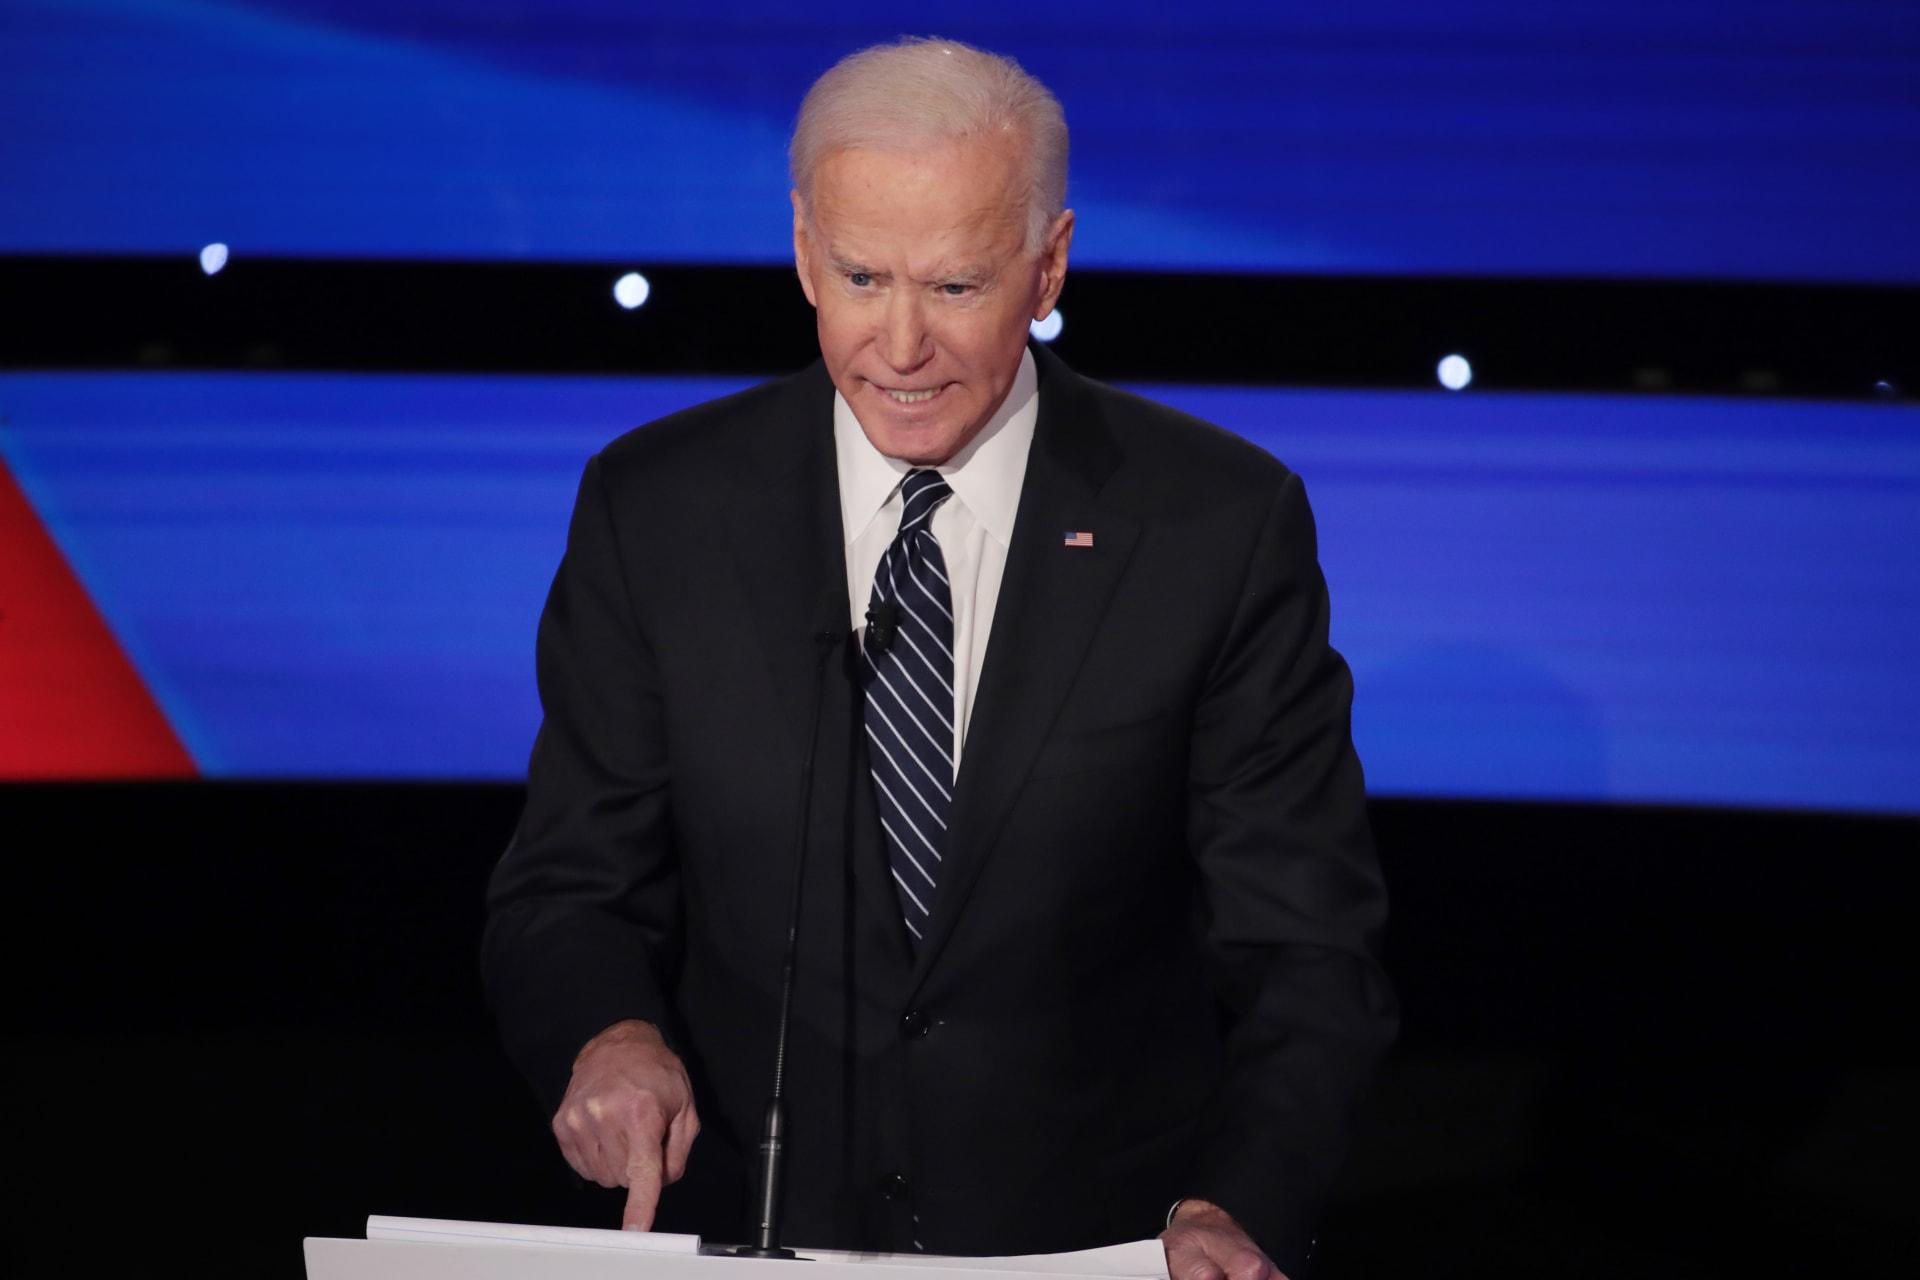 جو بايدن المرشح الديمقراطي المحتمل في انتخابات الرئاسة الأمريكية